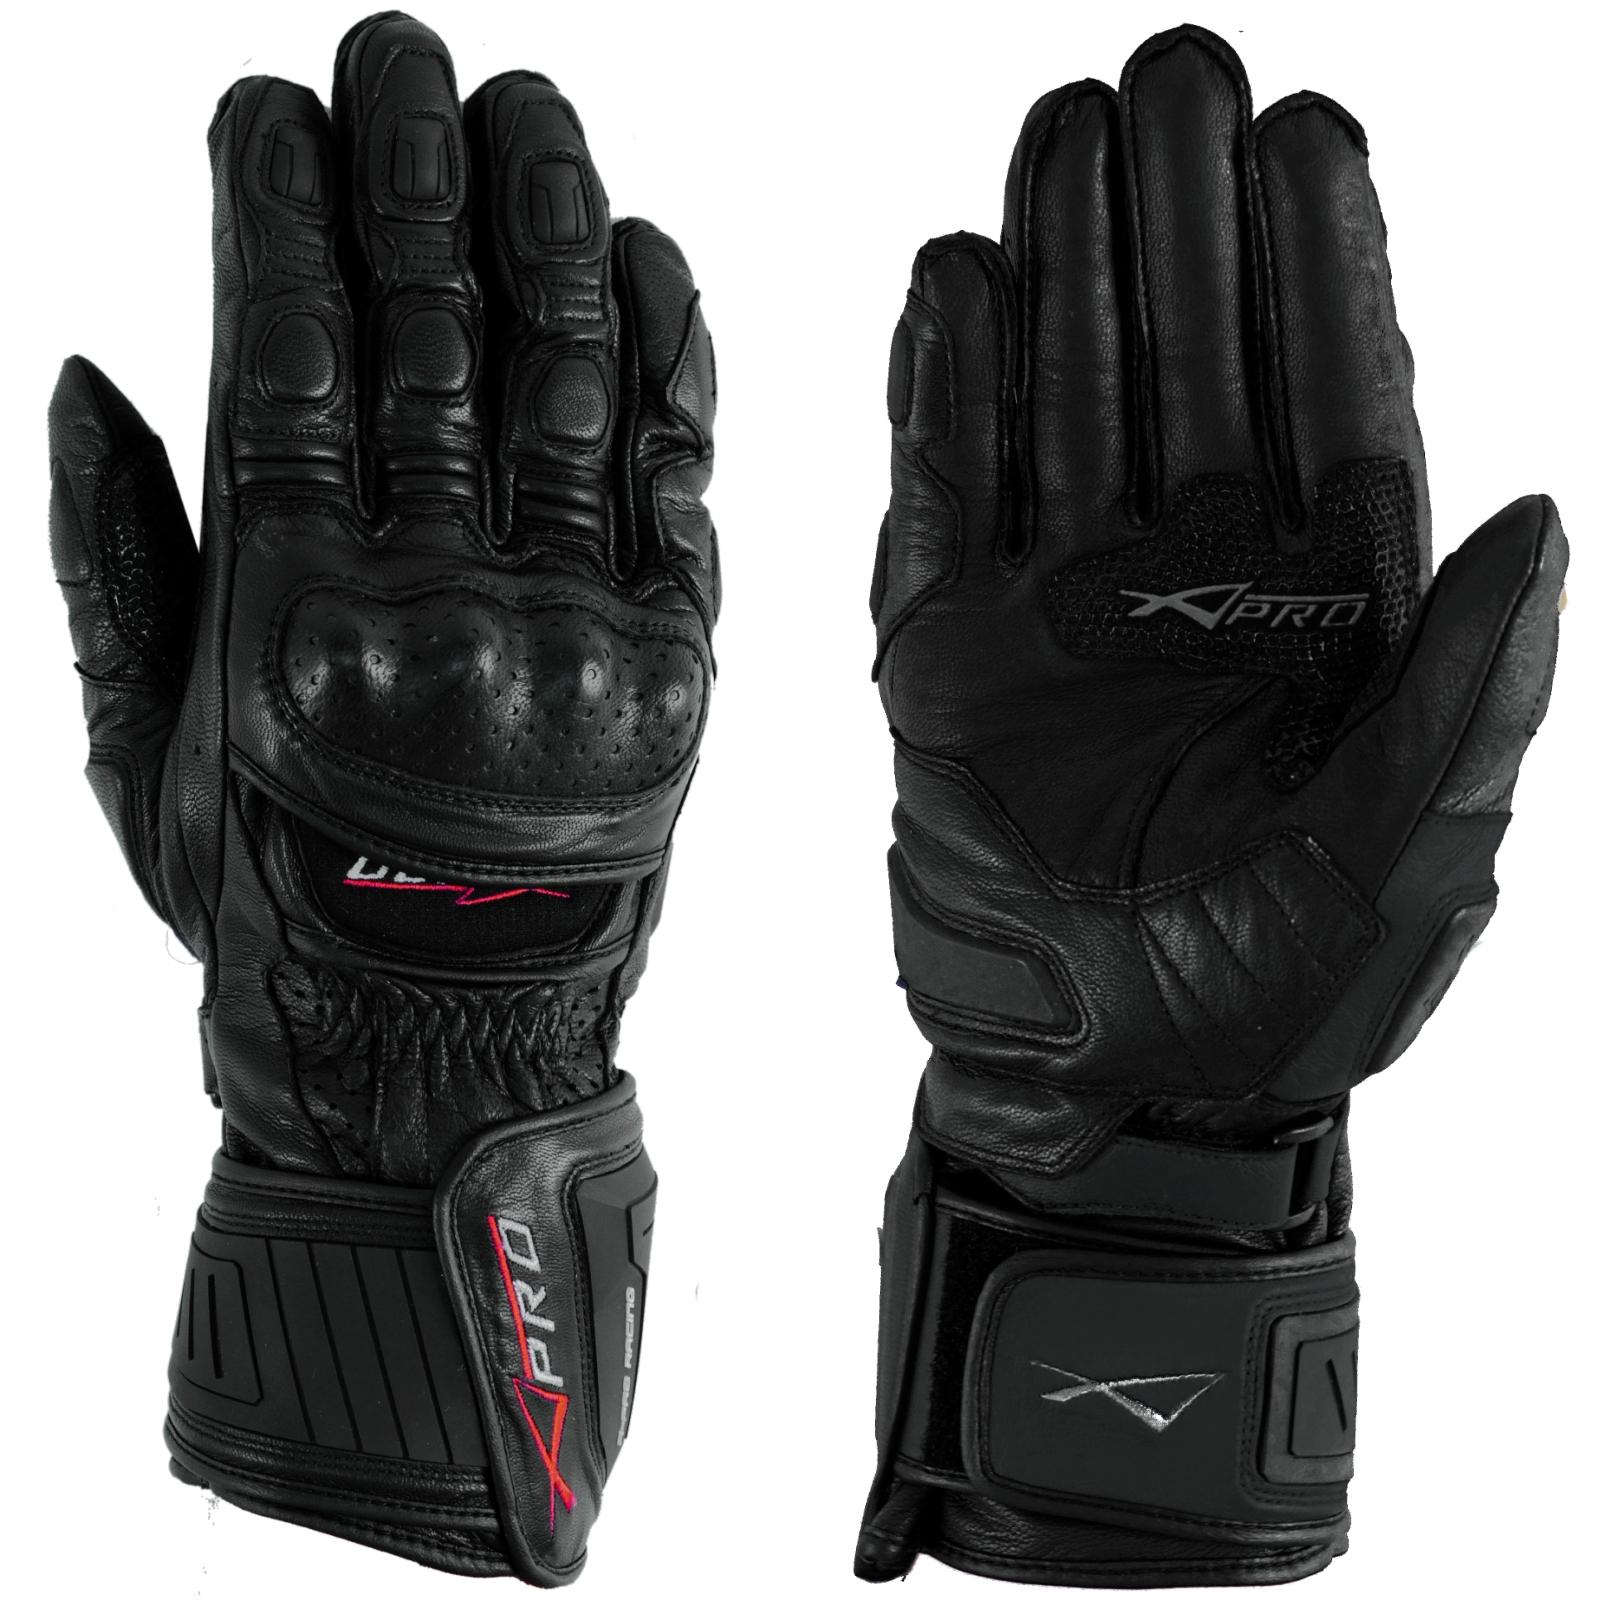 Guanto-Pista-Racing-Sport-Protezioni-Tecnico-Professionali-Pelle-Moto-A-pro-Nero